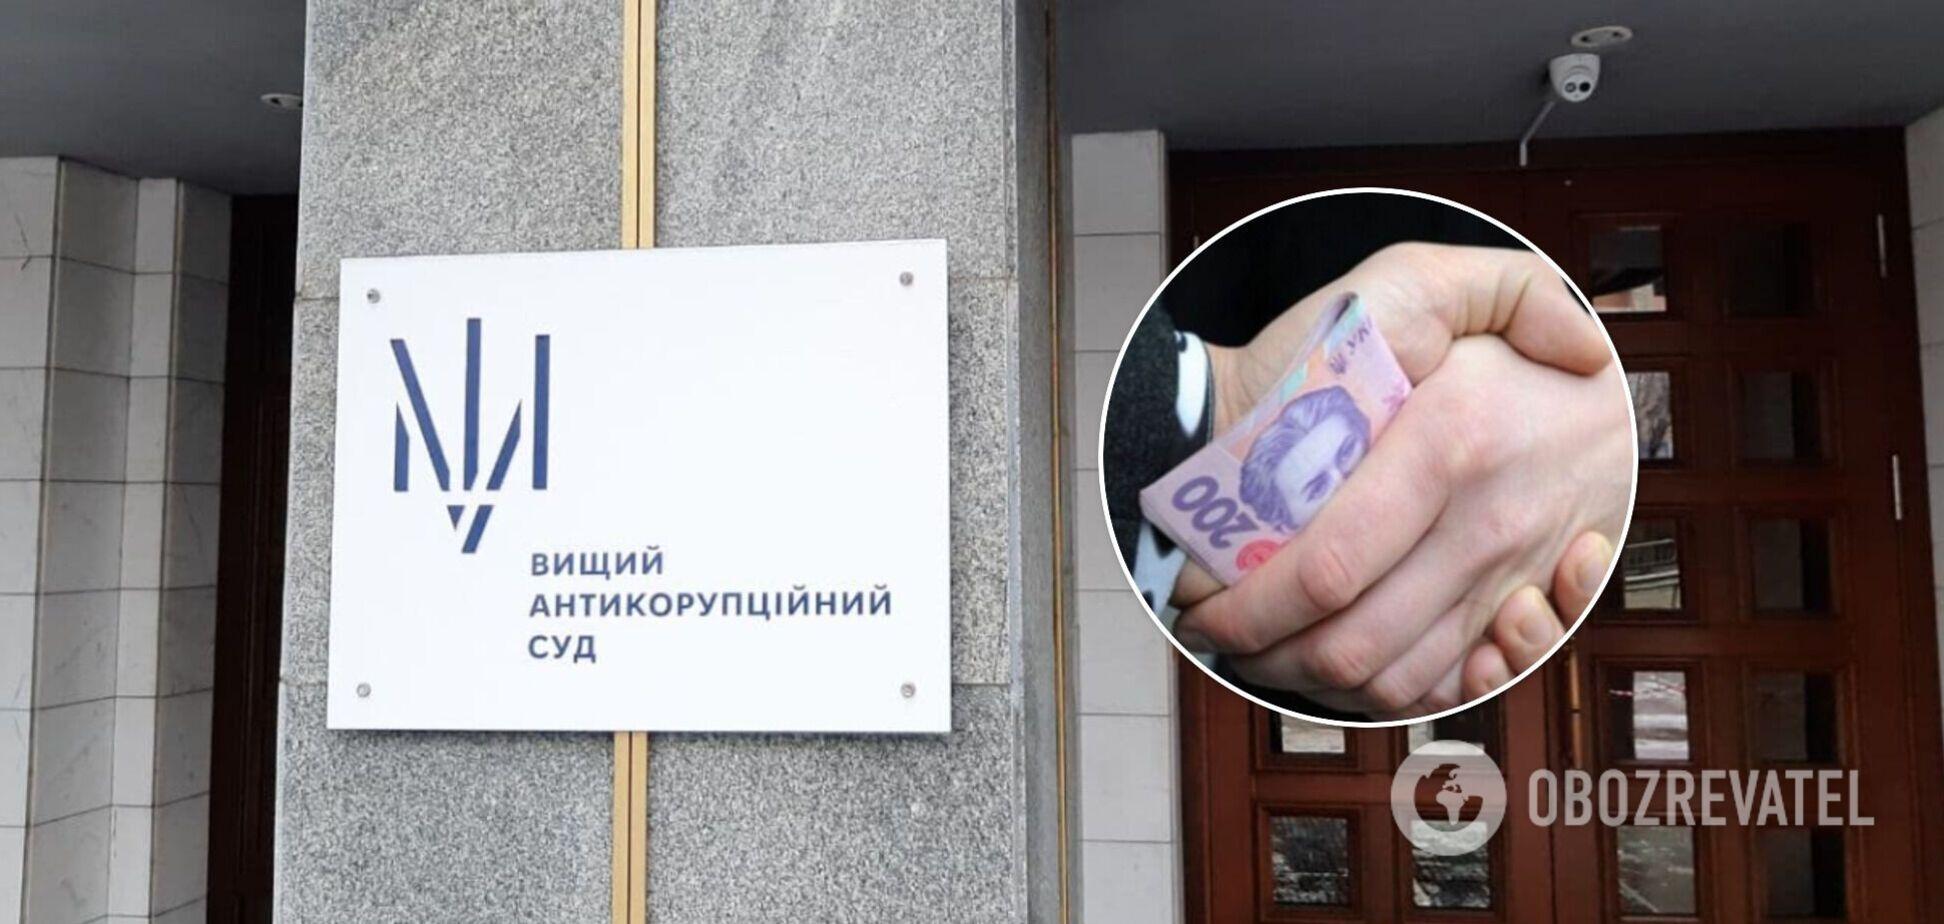 ВАКС приговорил к 7 годам тюрьмы судью из Мукачево из-за взятки в 2 тысячи гривен